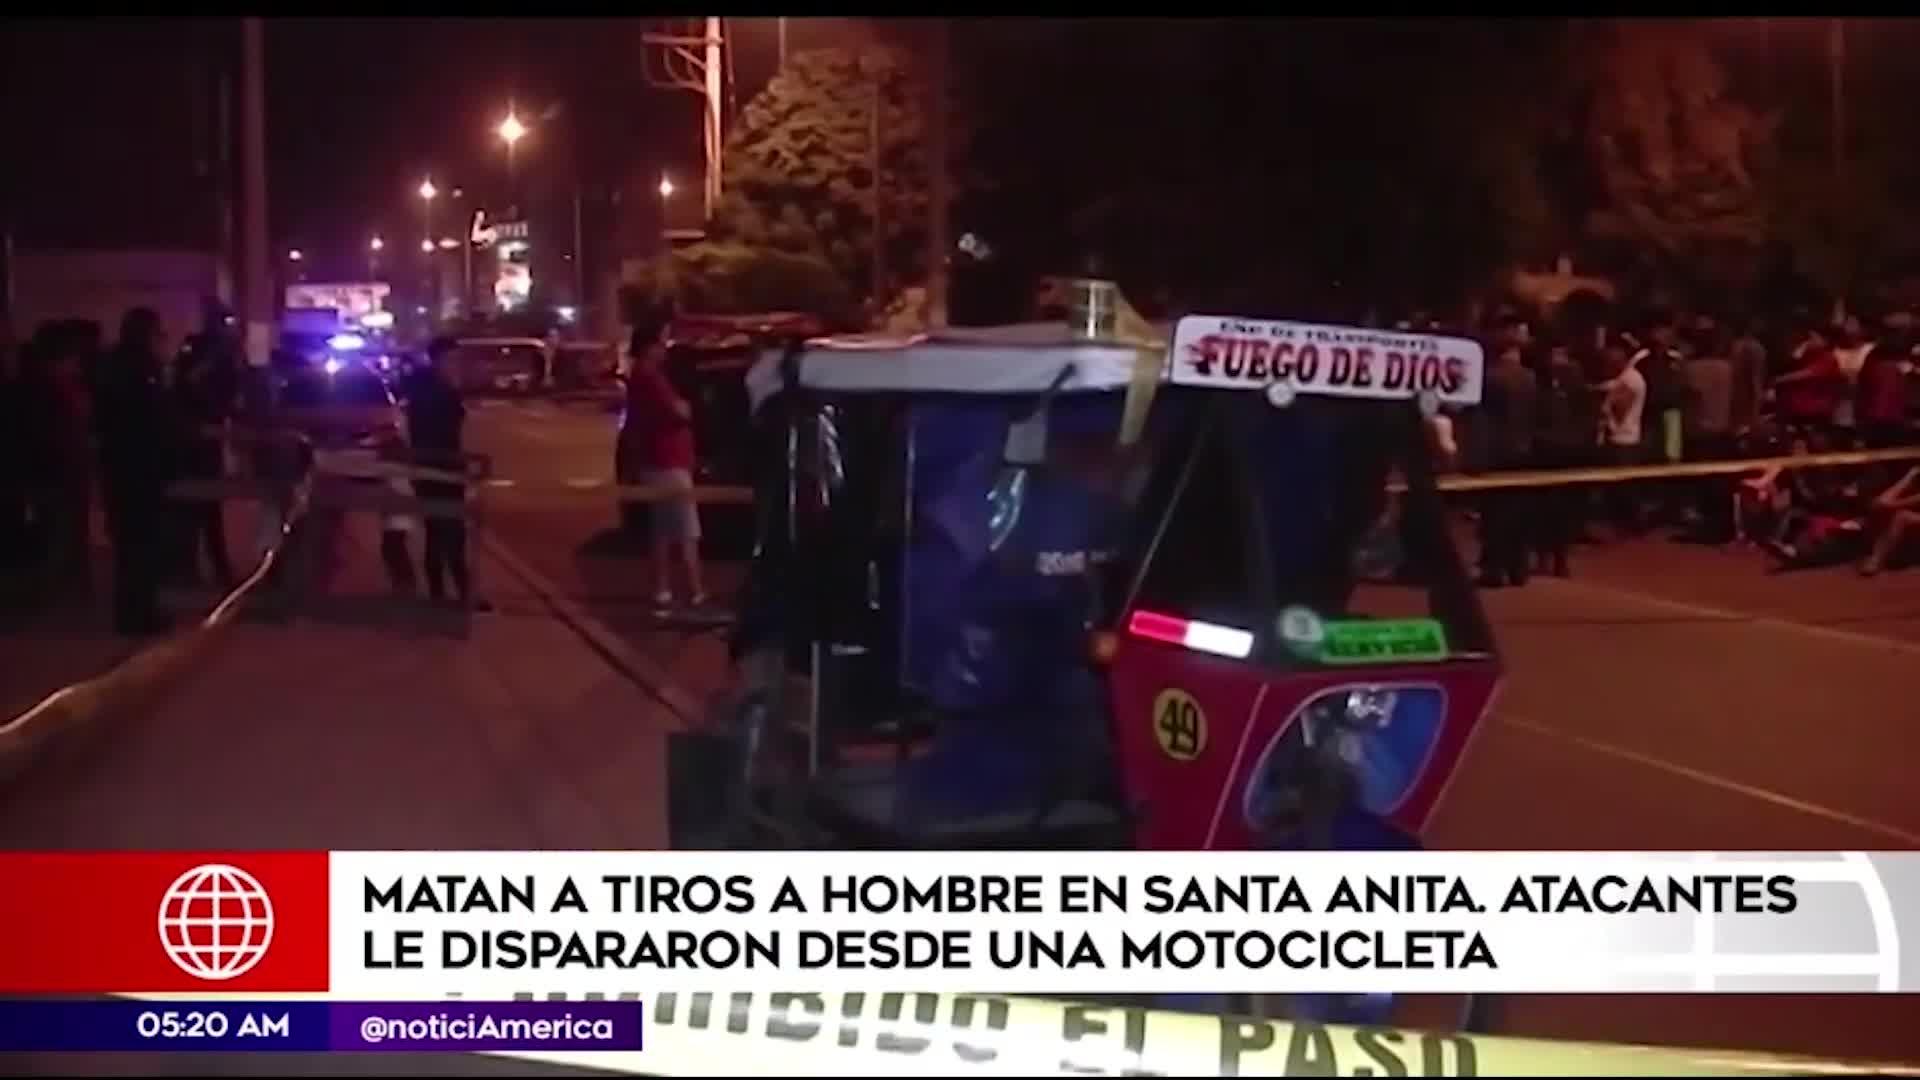 Santa Anita: hombre falleció dentro de mototaxi tras no ser atendido en clínica